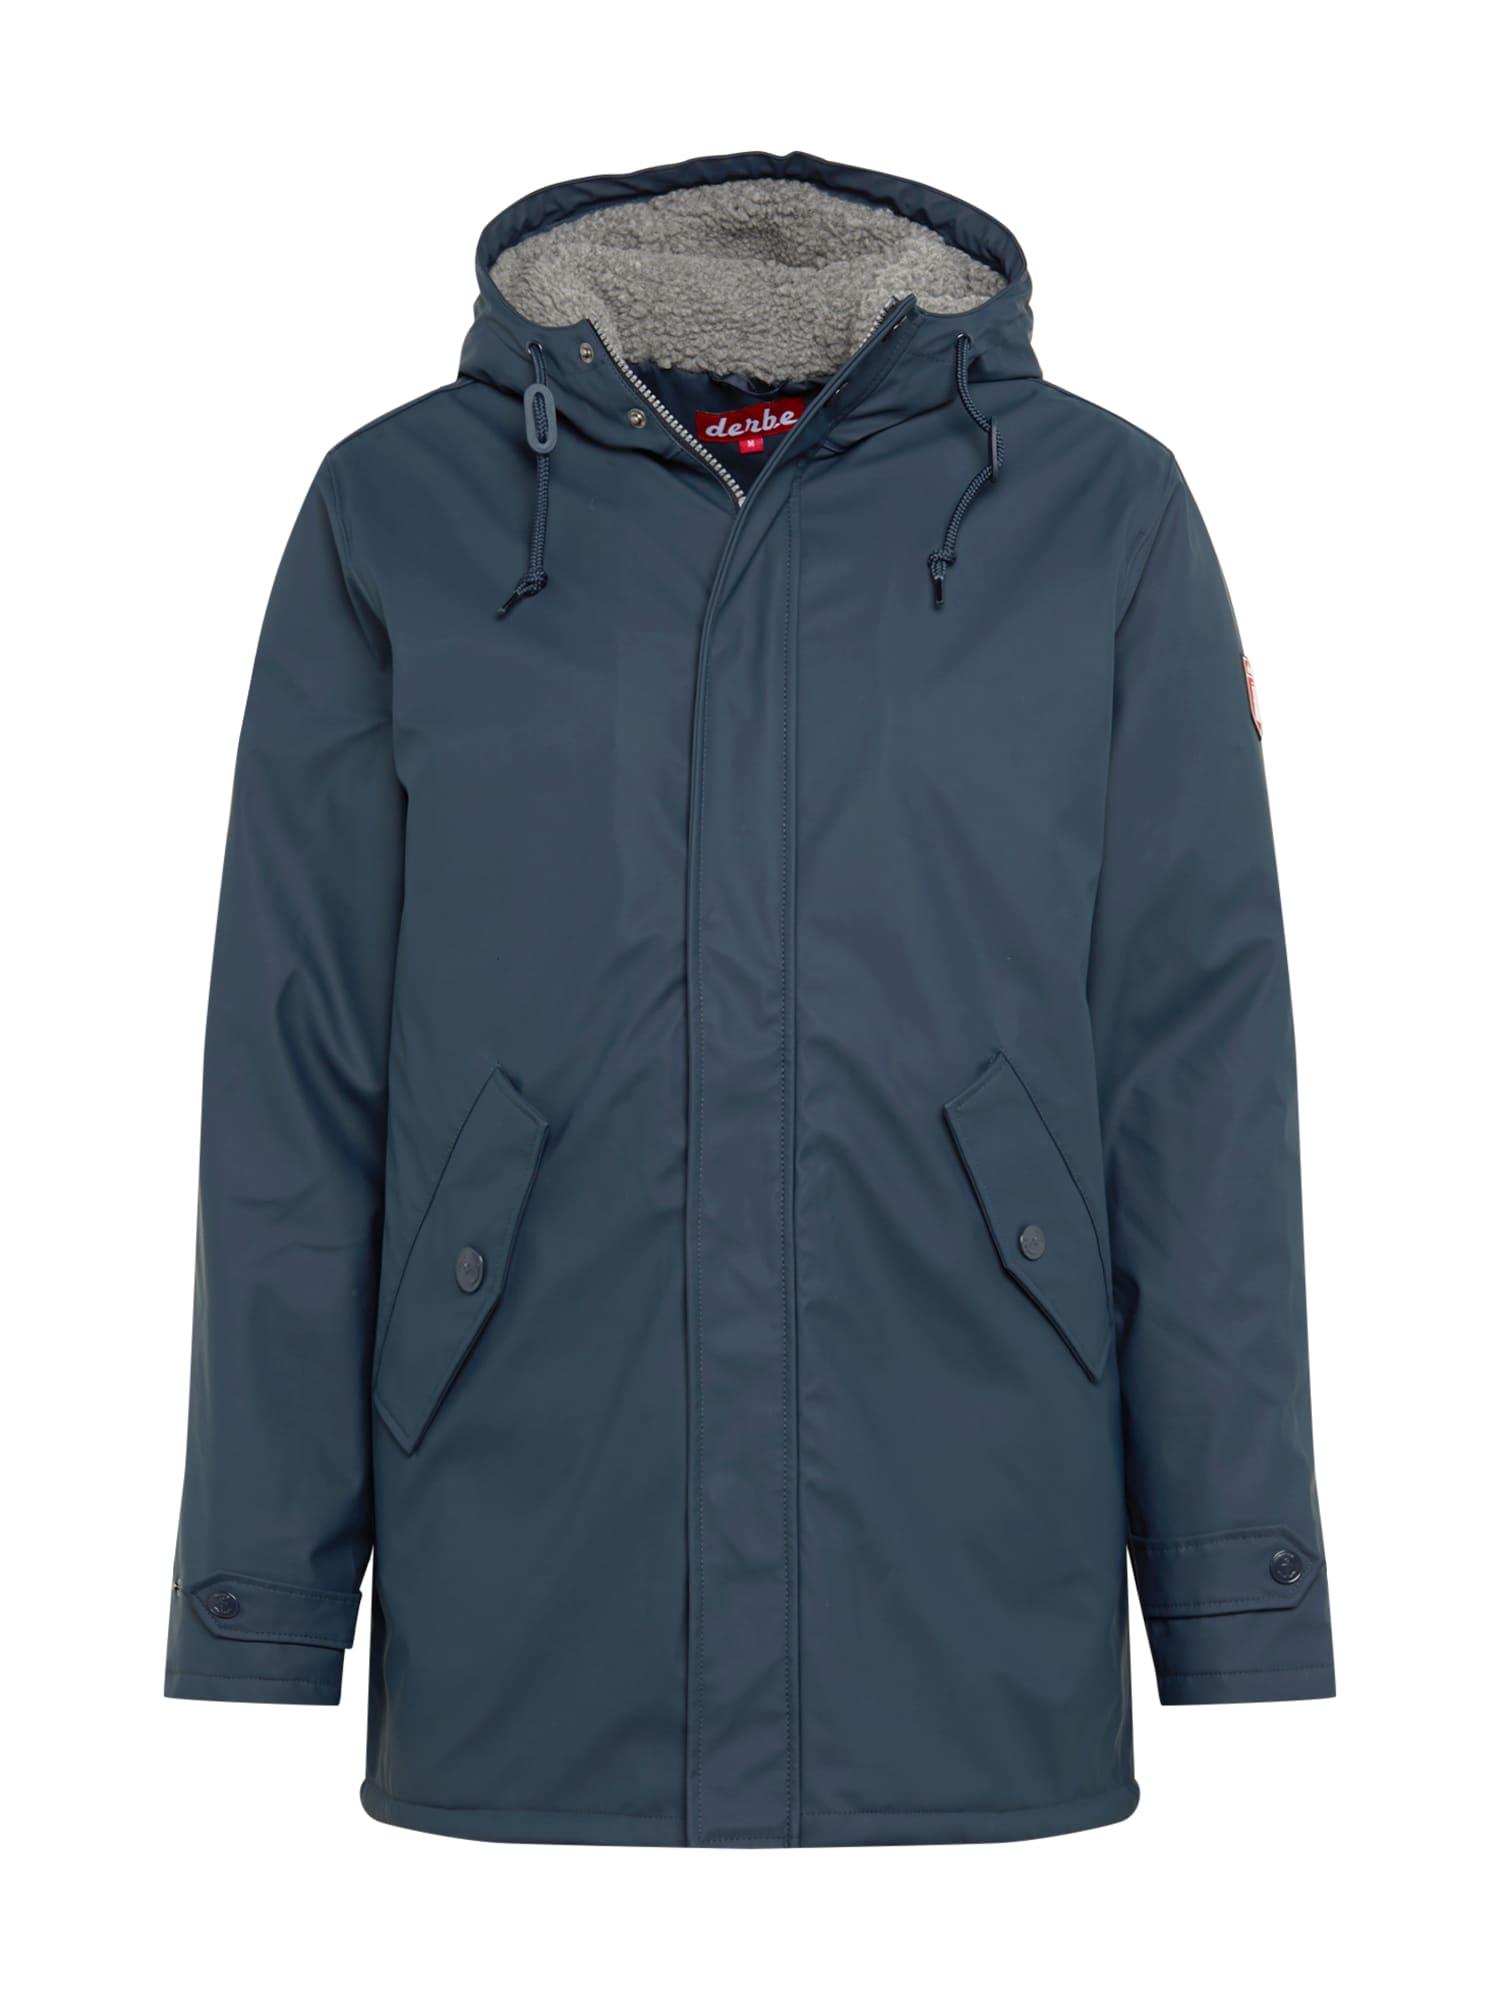 Derbe Žieminė striukė tamsiai mėlyna